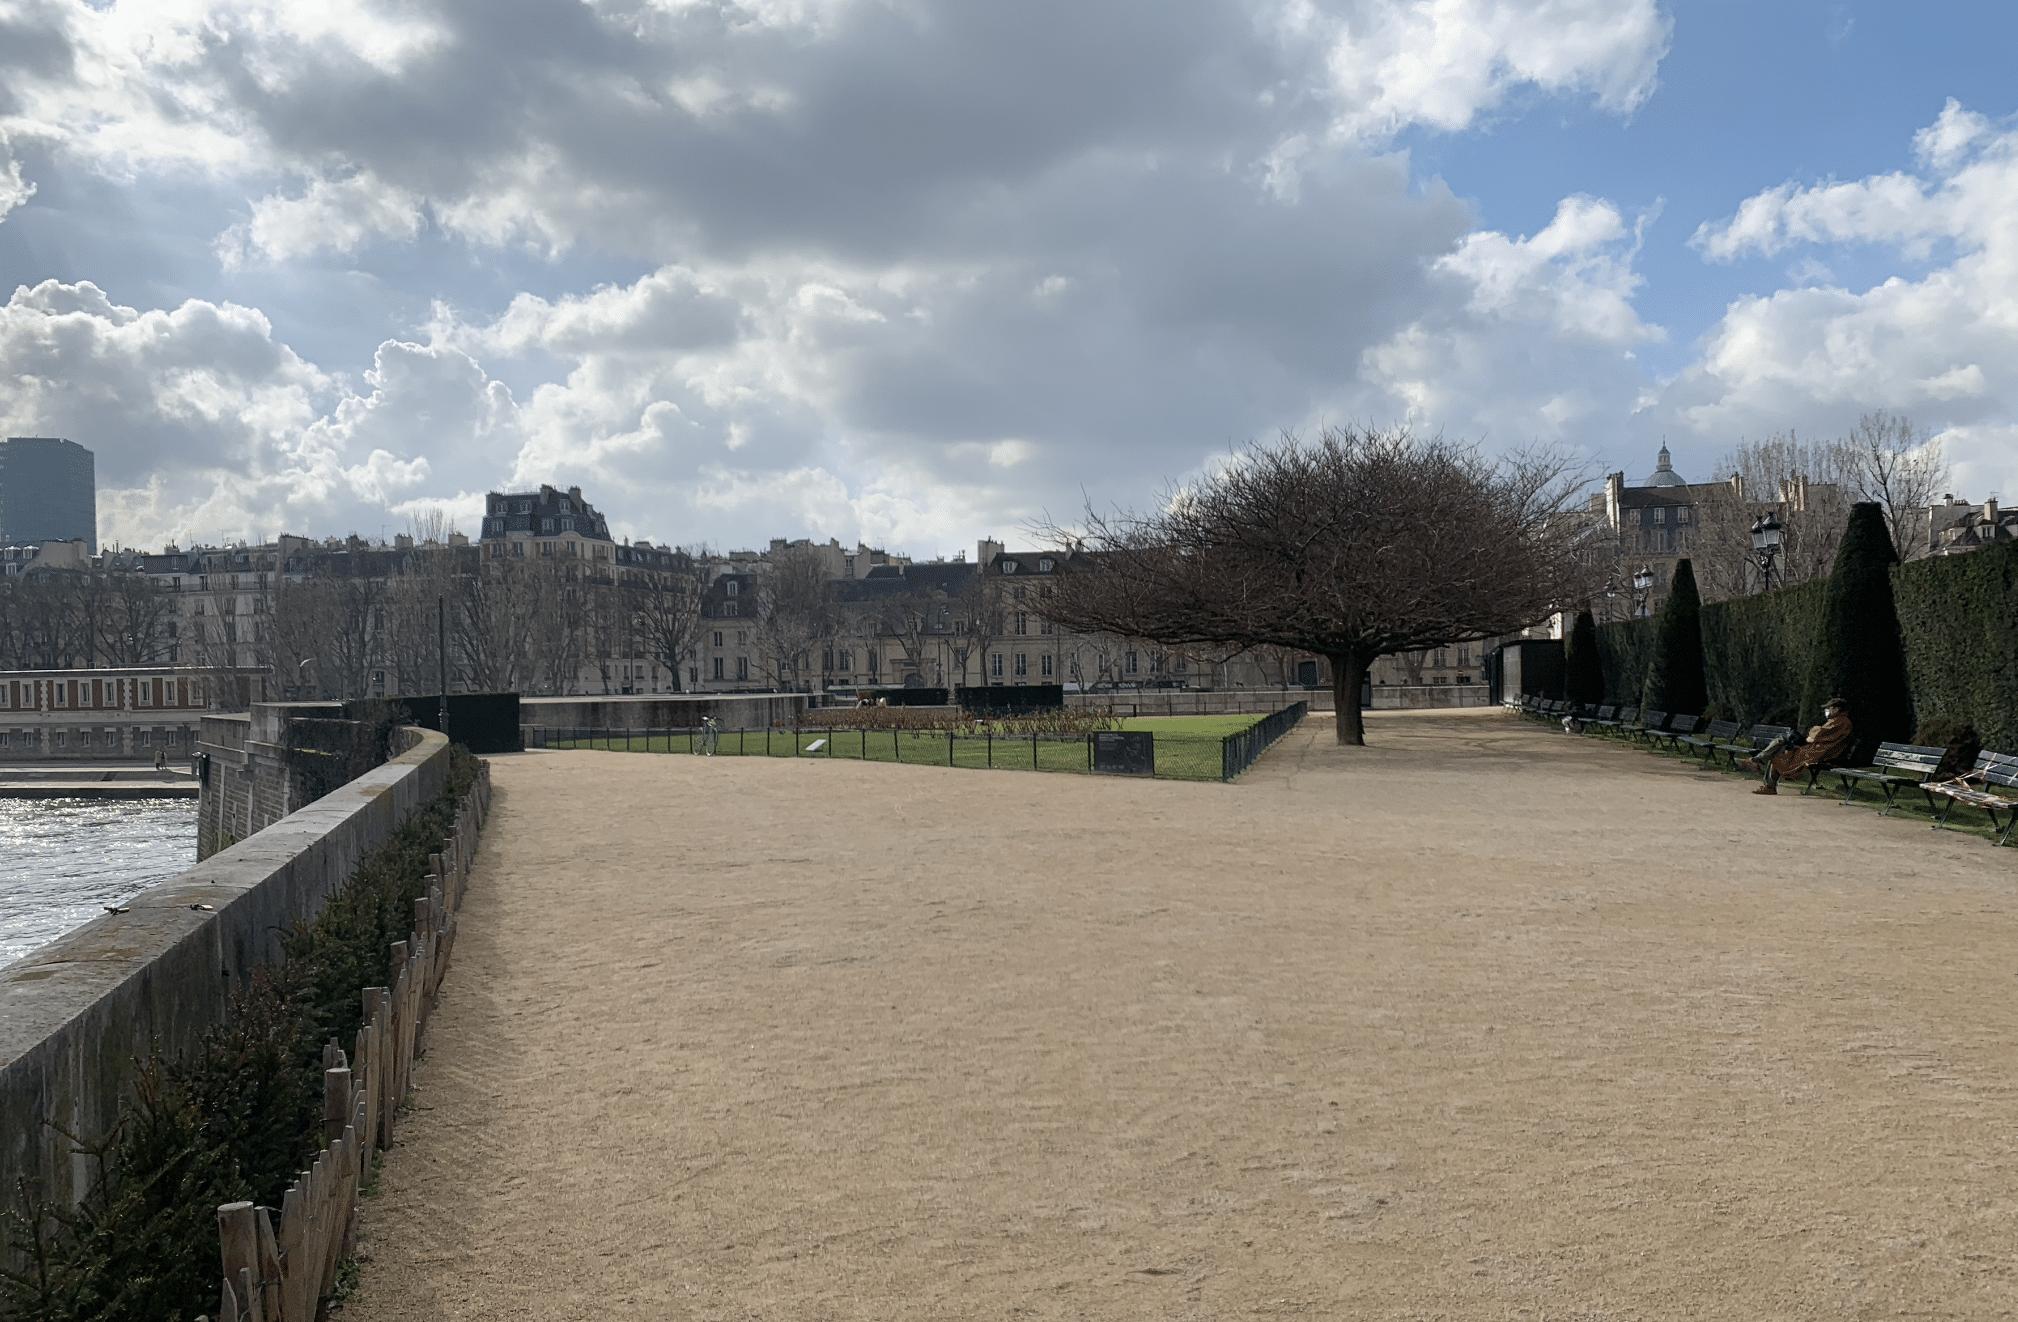 promenade sur l'île de la Cité : le square de l'ile de france